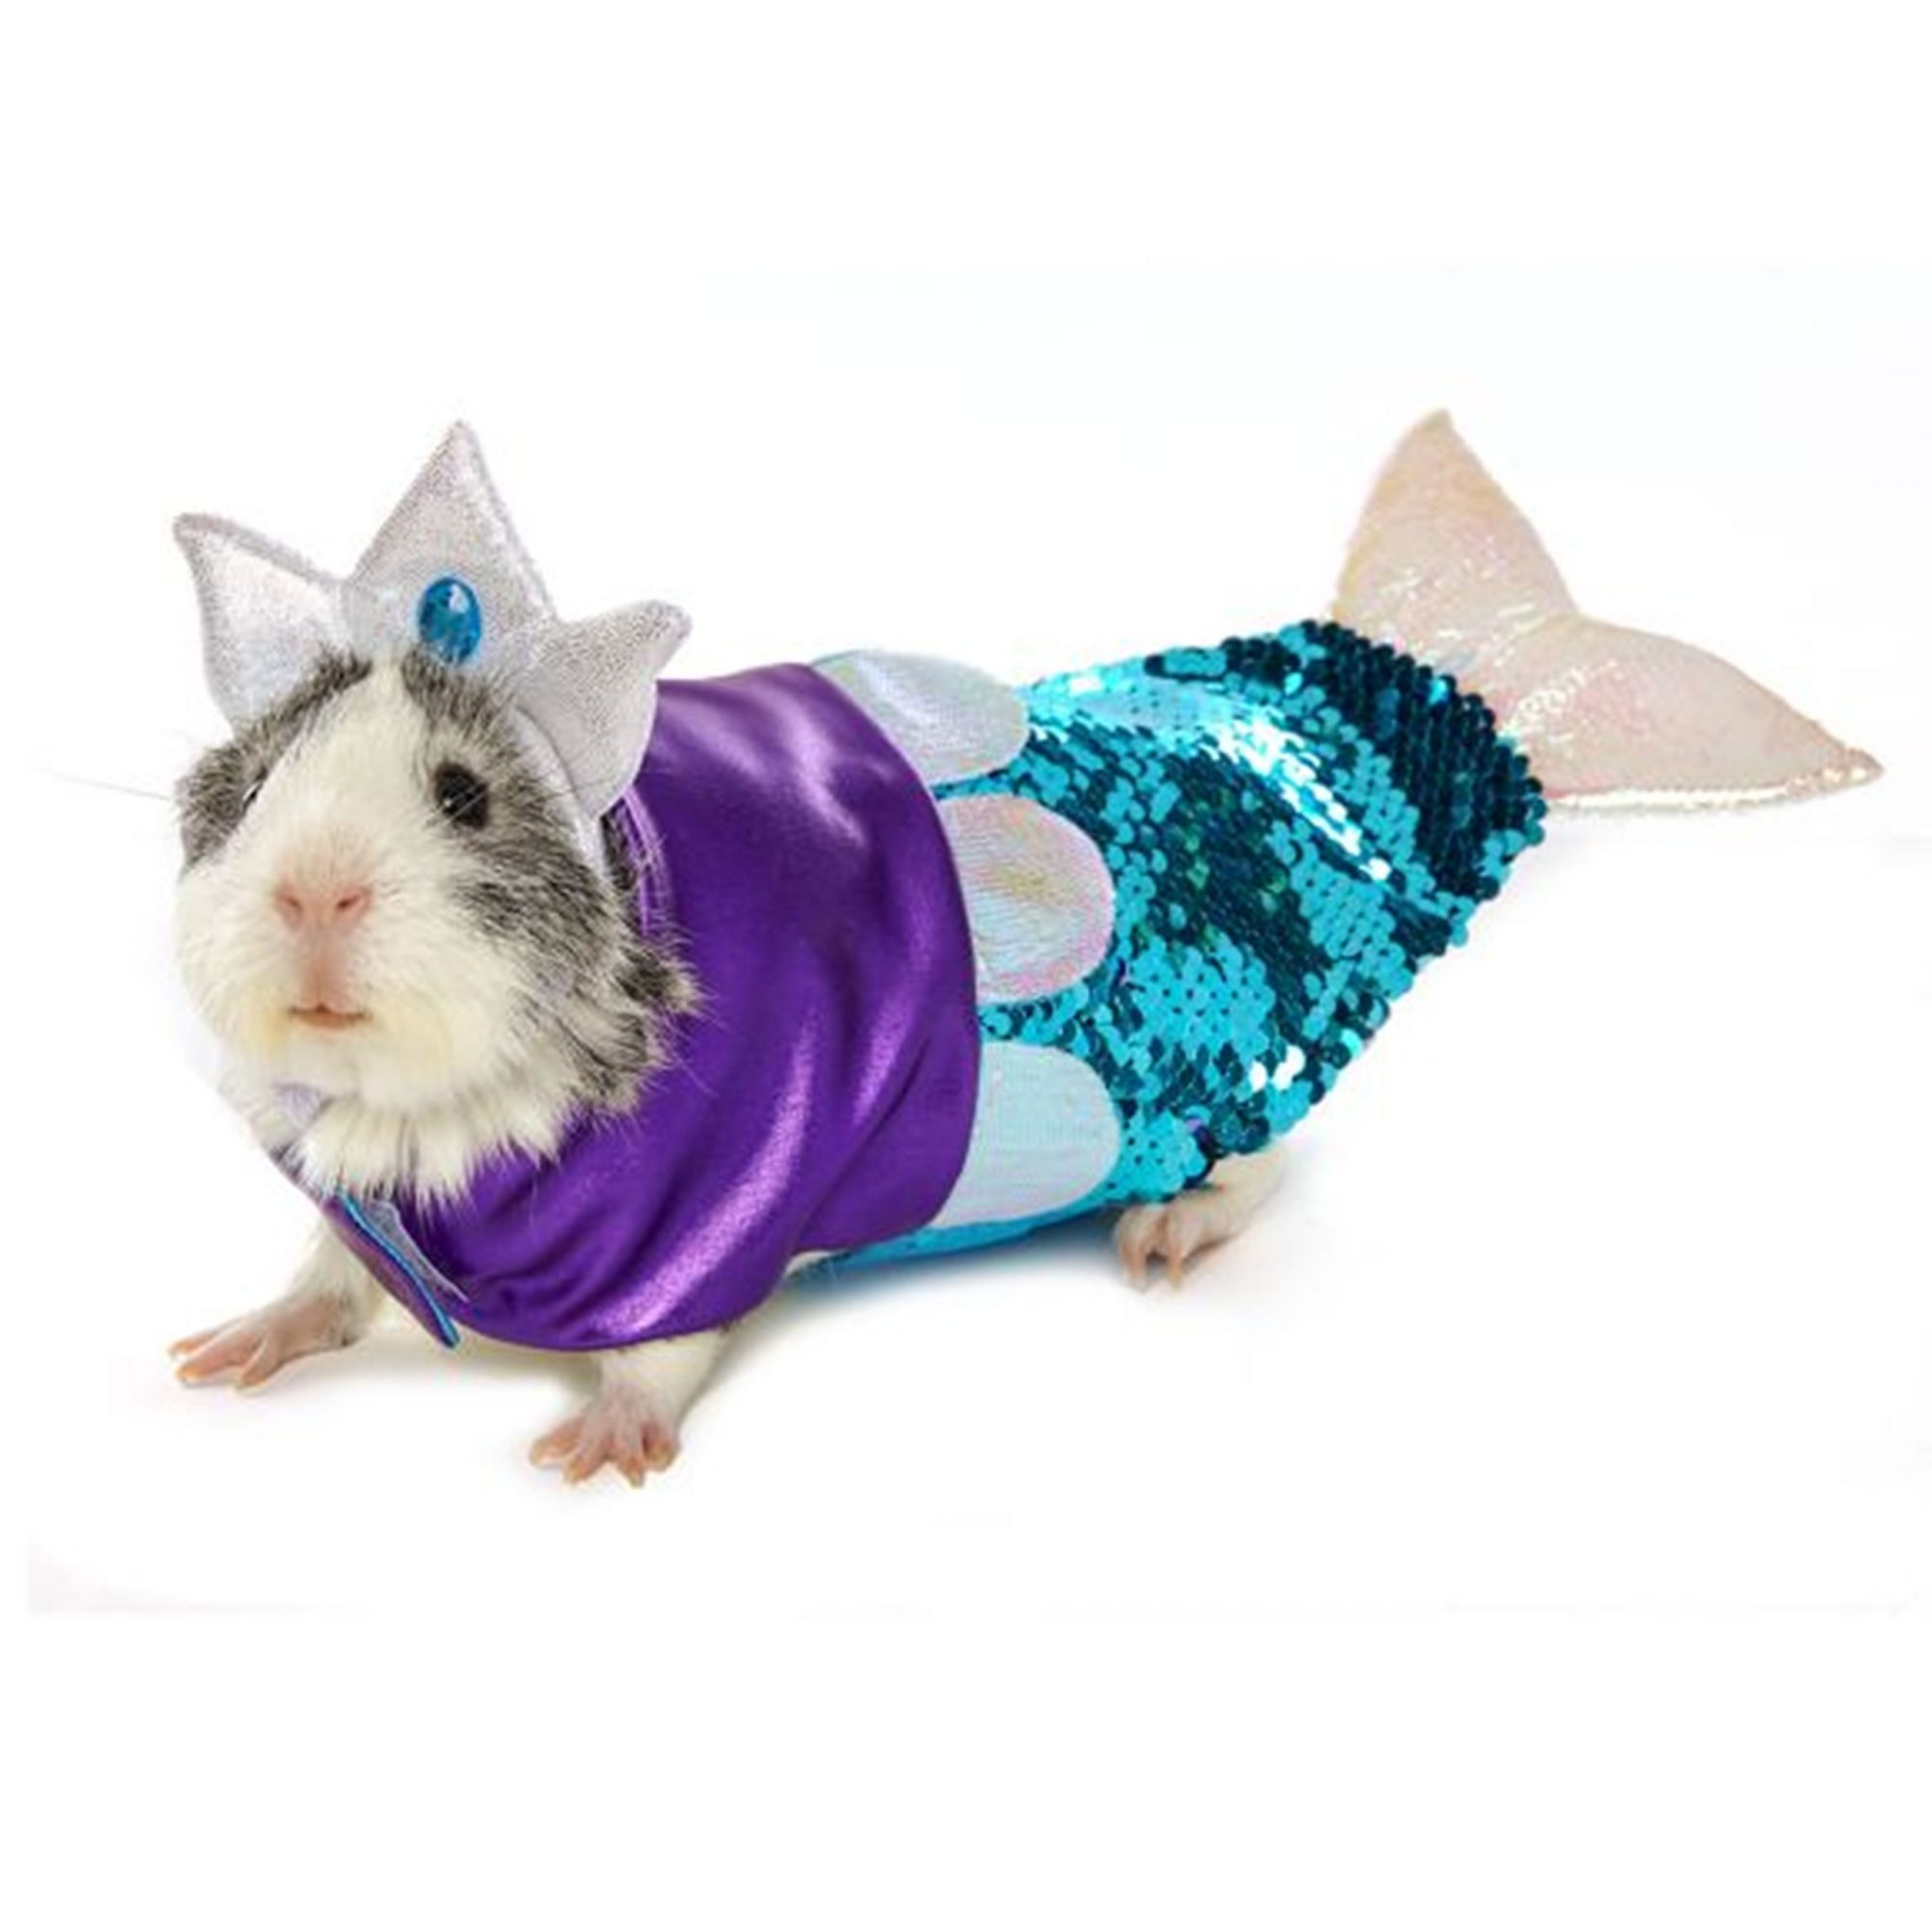 Как сшить одежду для морских свинок своими руками?